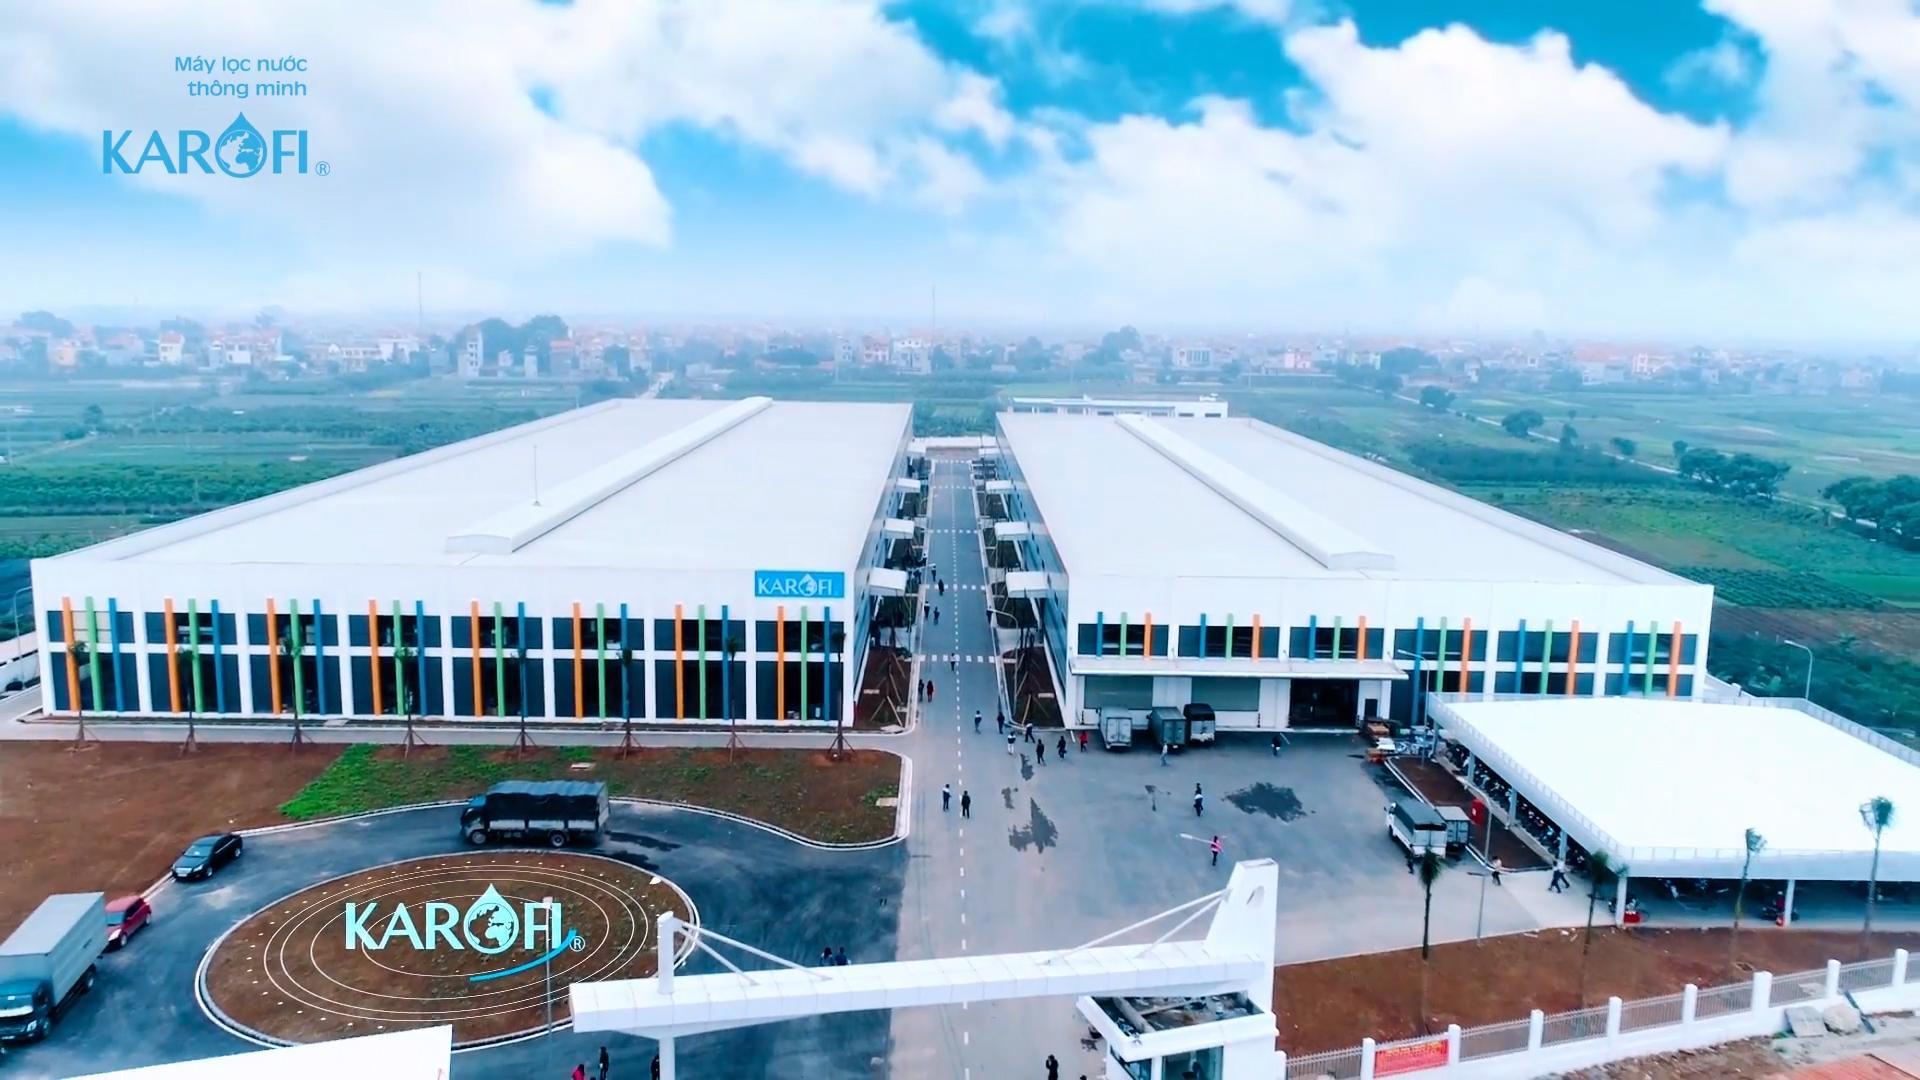 Nhà máy karofi tại Việt Nam